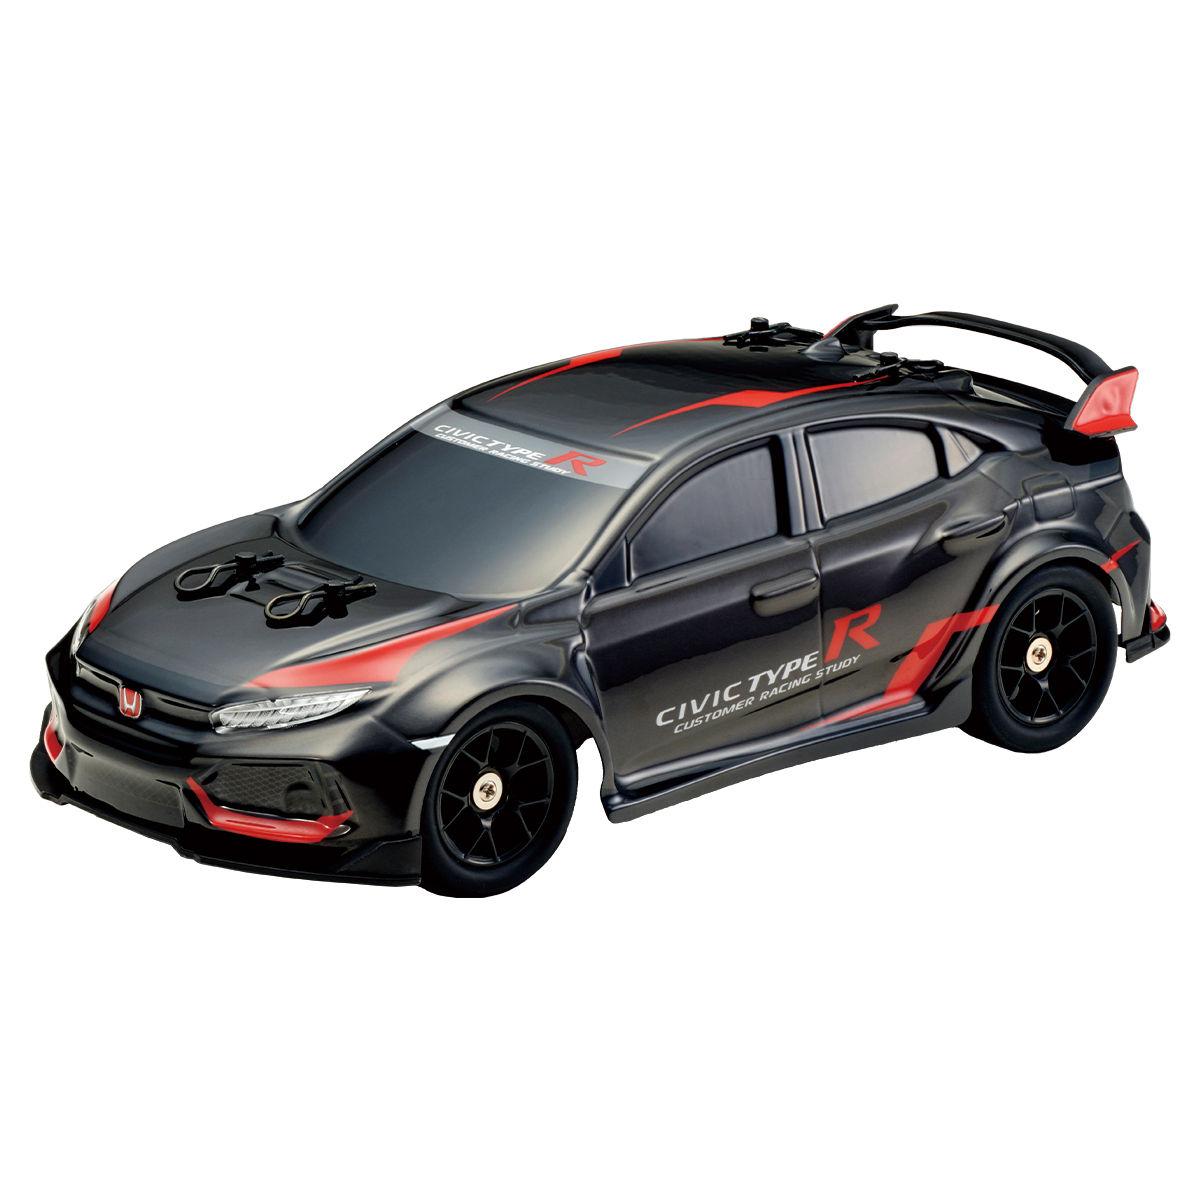 リアルドライブ ホンダ シビックタイプR Customer Racing Study